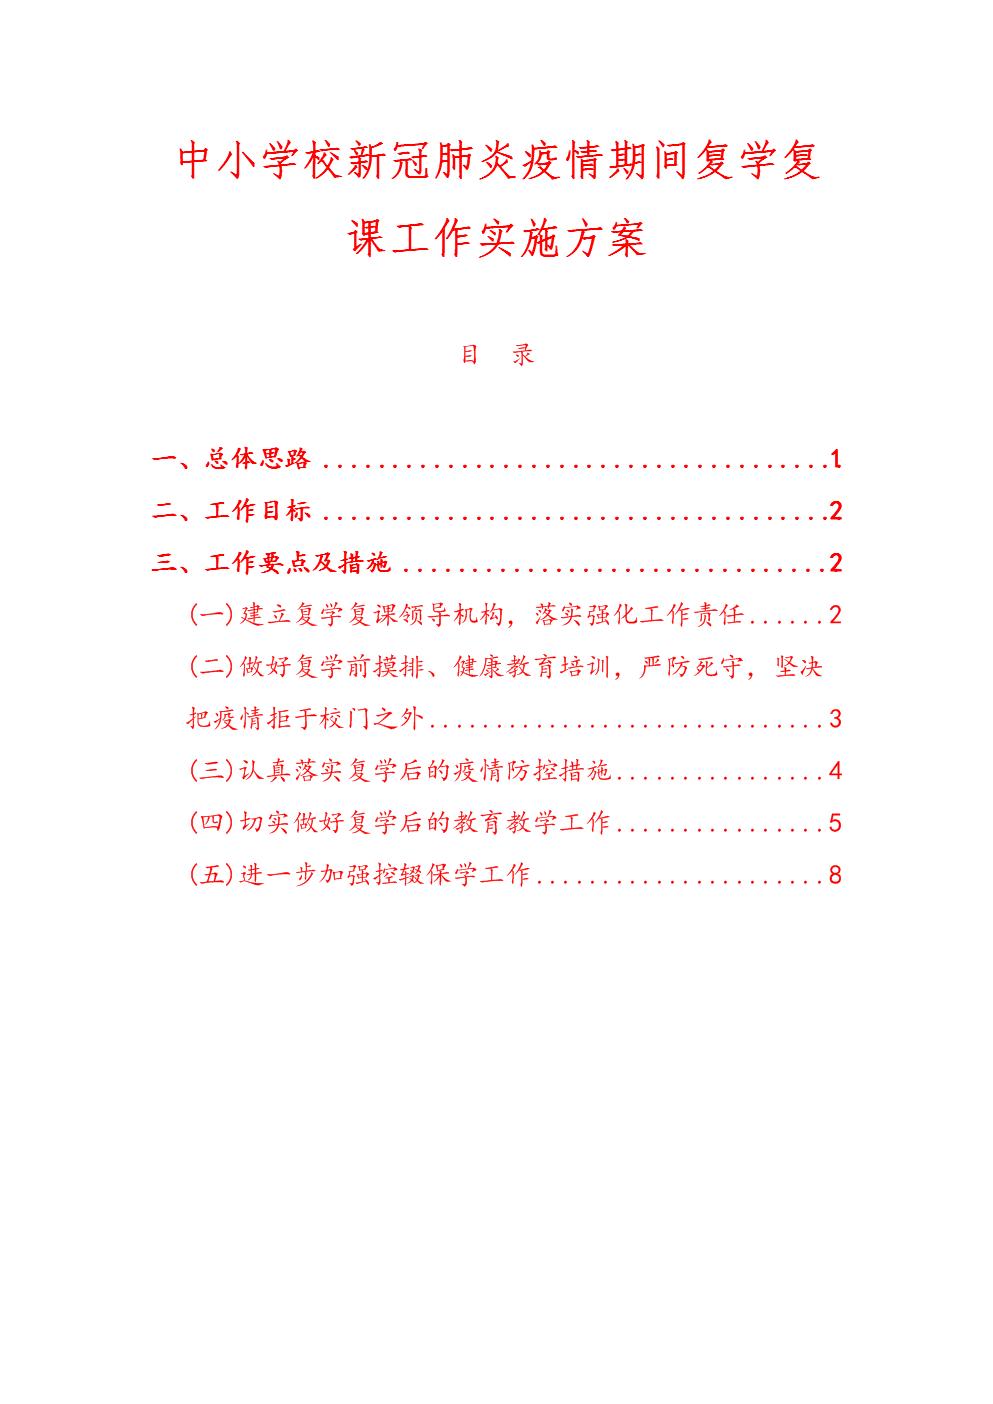 中小学校新冠肺炎疫情期间复学复课工作实施方案.doc